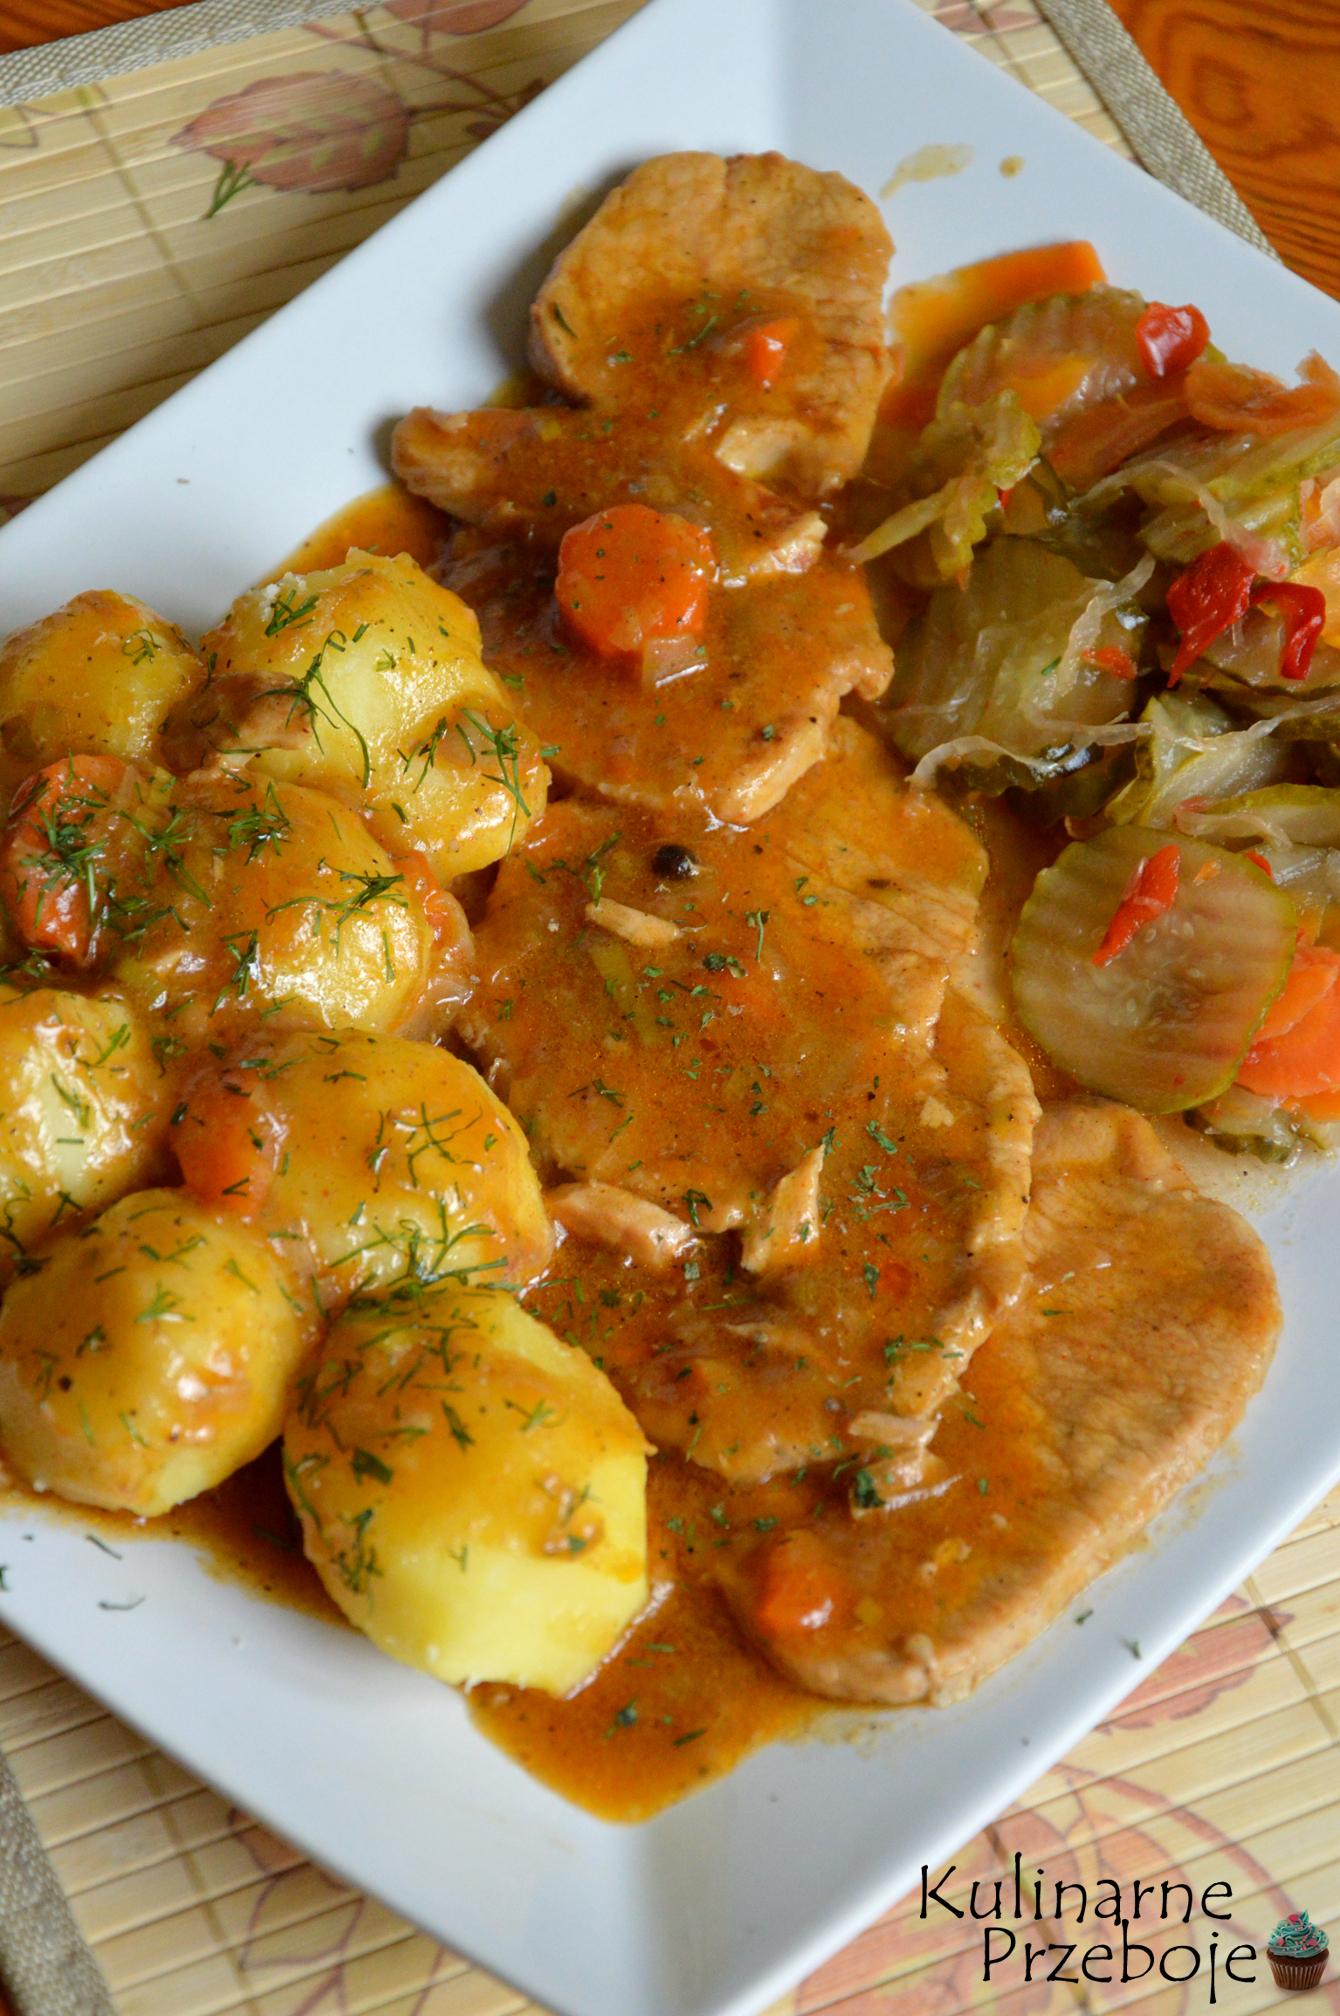 Pyszny obiad, schab duszony z porem, cebulą, marchewką i przyprawami